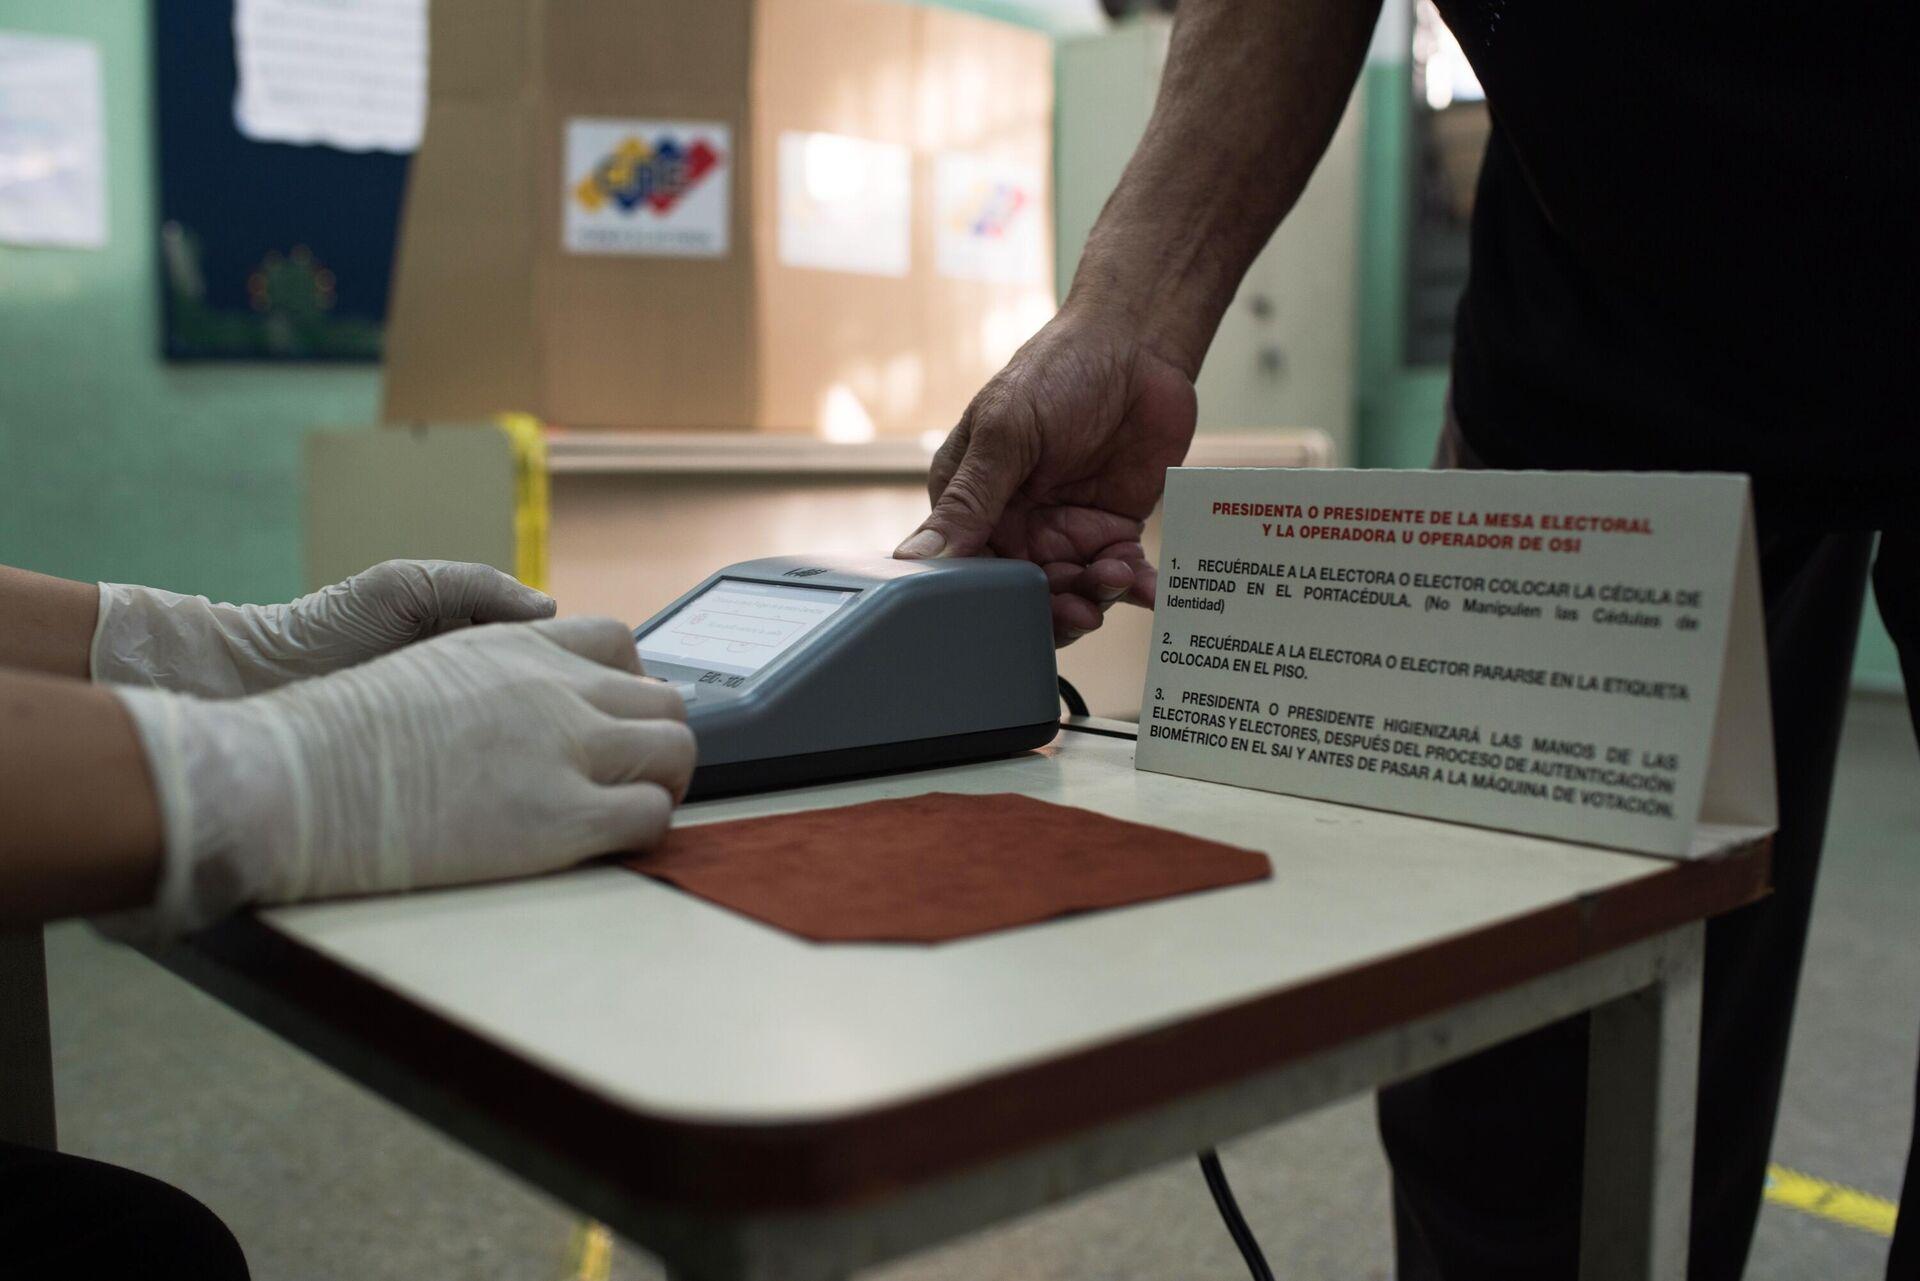 Проверка личности избирателя на избирательном участке во время голосования на выборах в Нацассамблею в Венесуэле - РИА Новости, 1920, 07.12.2020